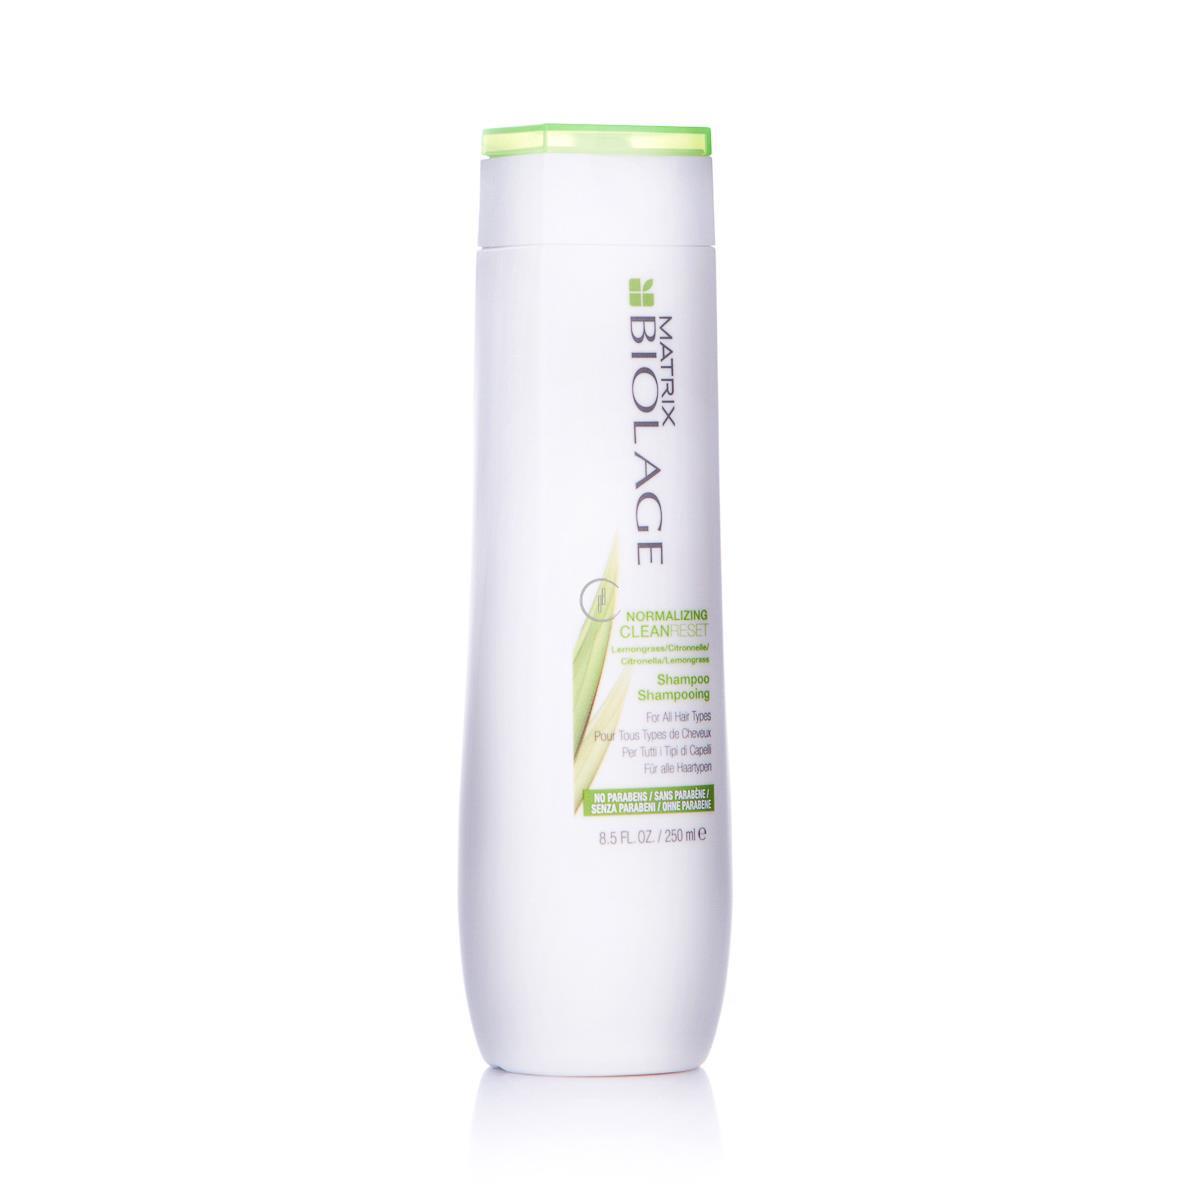 BIOLAGE Normalizing Clean Reset Shampoo - Szampon oczyszczający do wszystkich rodzajów włosów